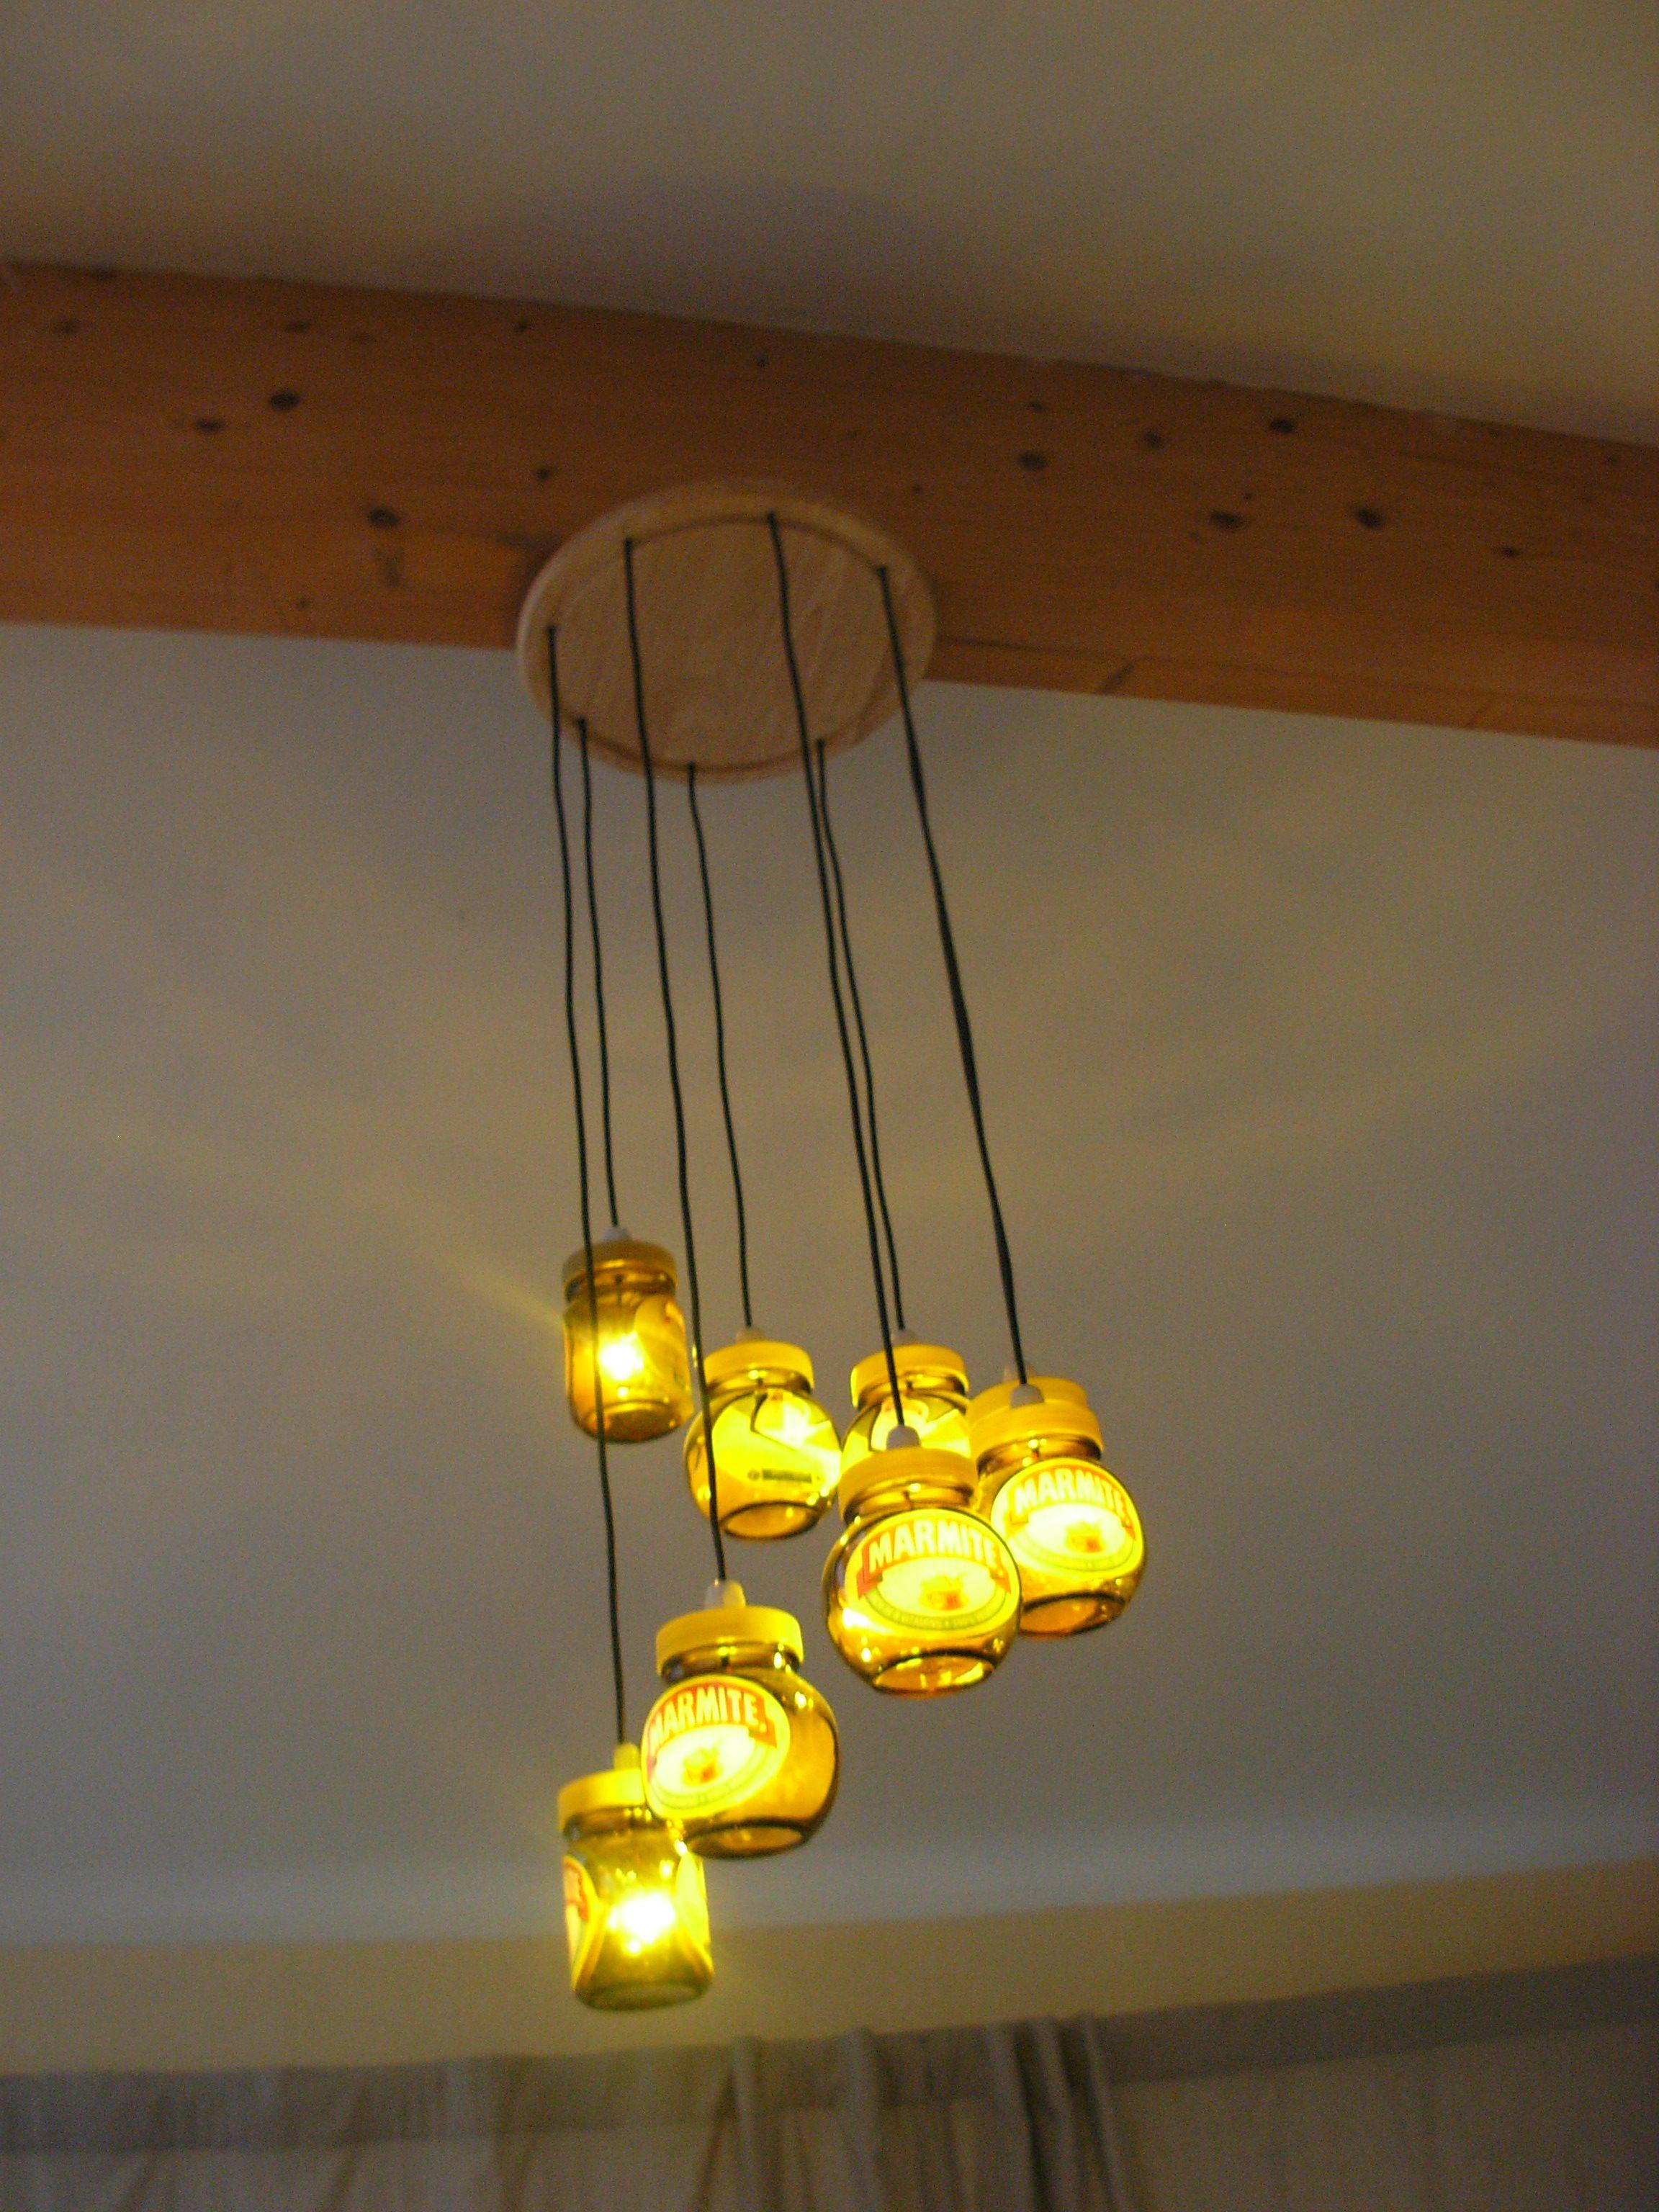 The marmite jar chandelier in action mmmmarrmite pinterest the marmite jar chandelier in action arubaitofo Gallery